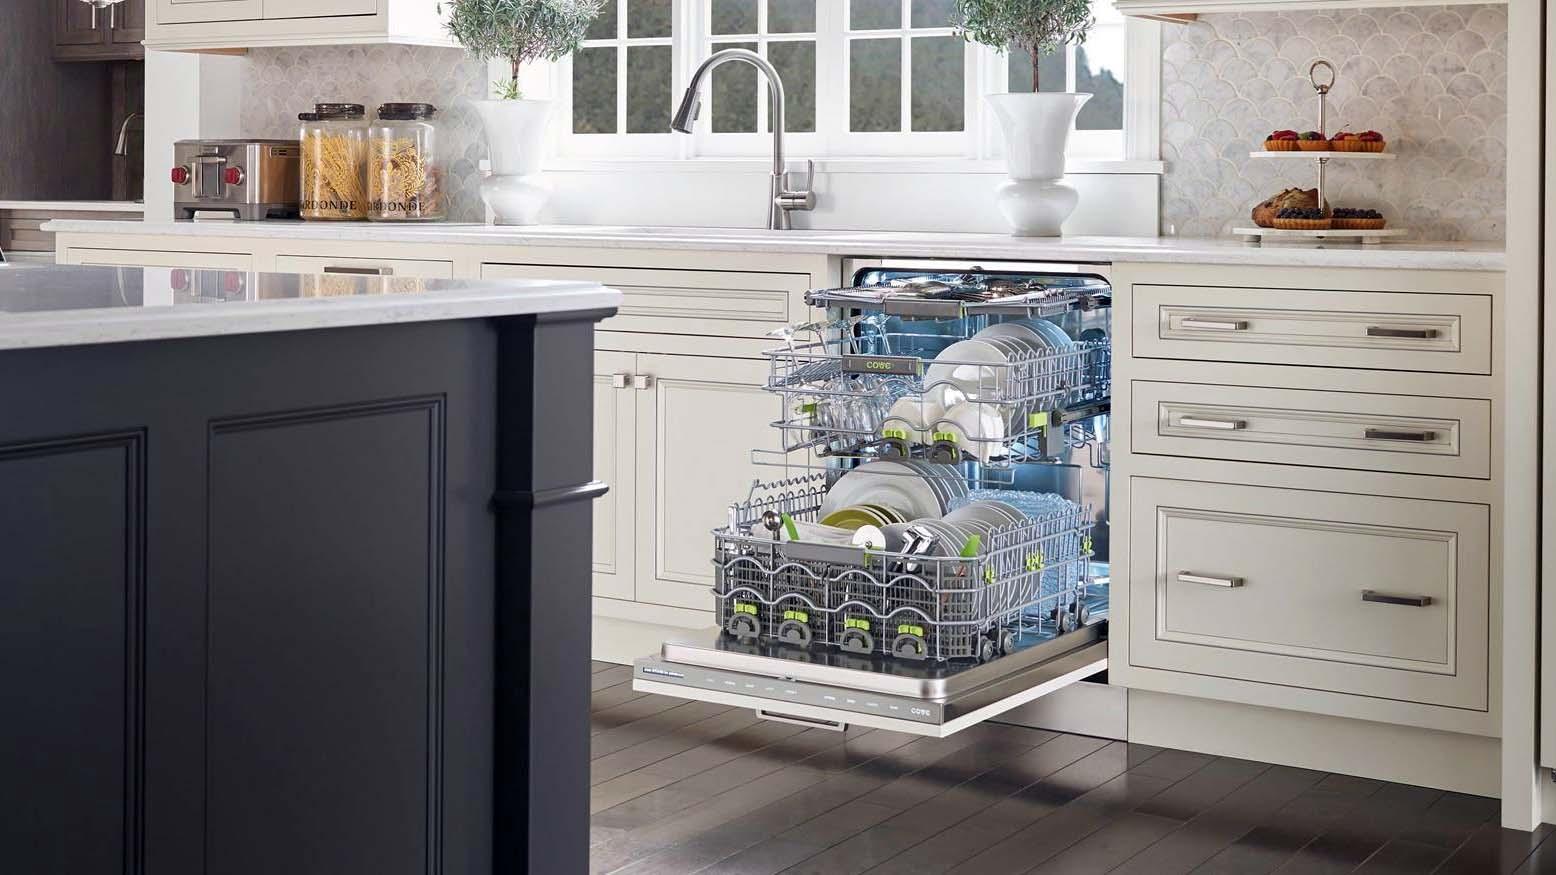 با تمیز نکردن ماشین ظرفشویی، آن را به یک دستگاه سراسر باکتری، قارچ و مستعد بو تبدیل میکنید.